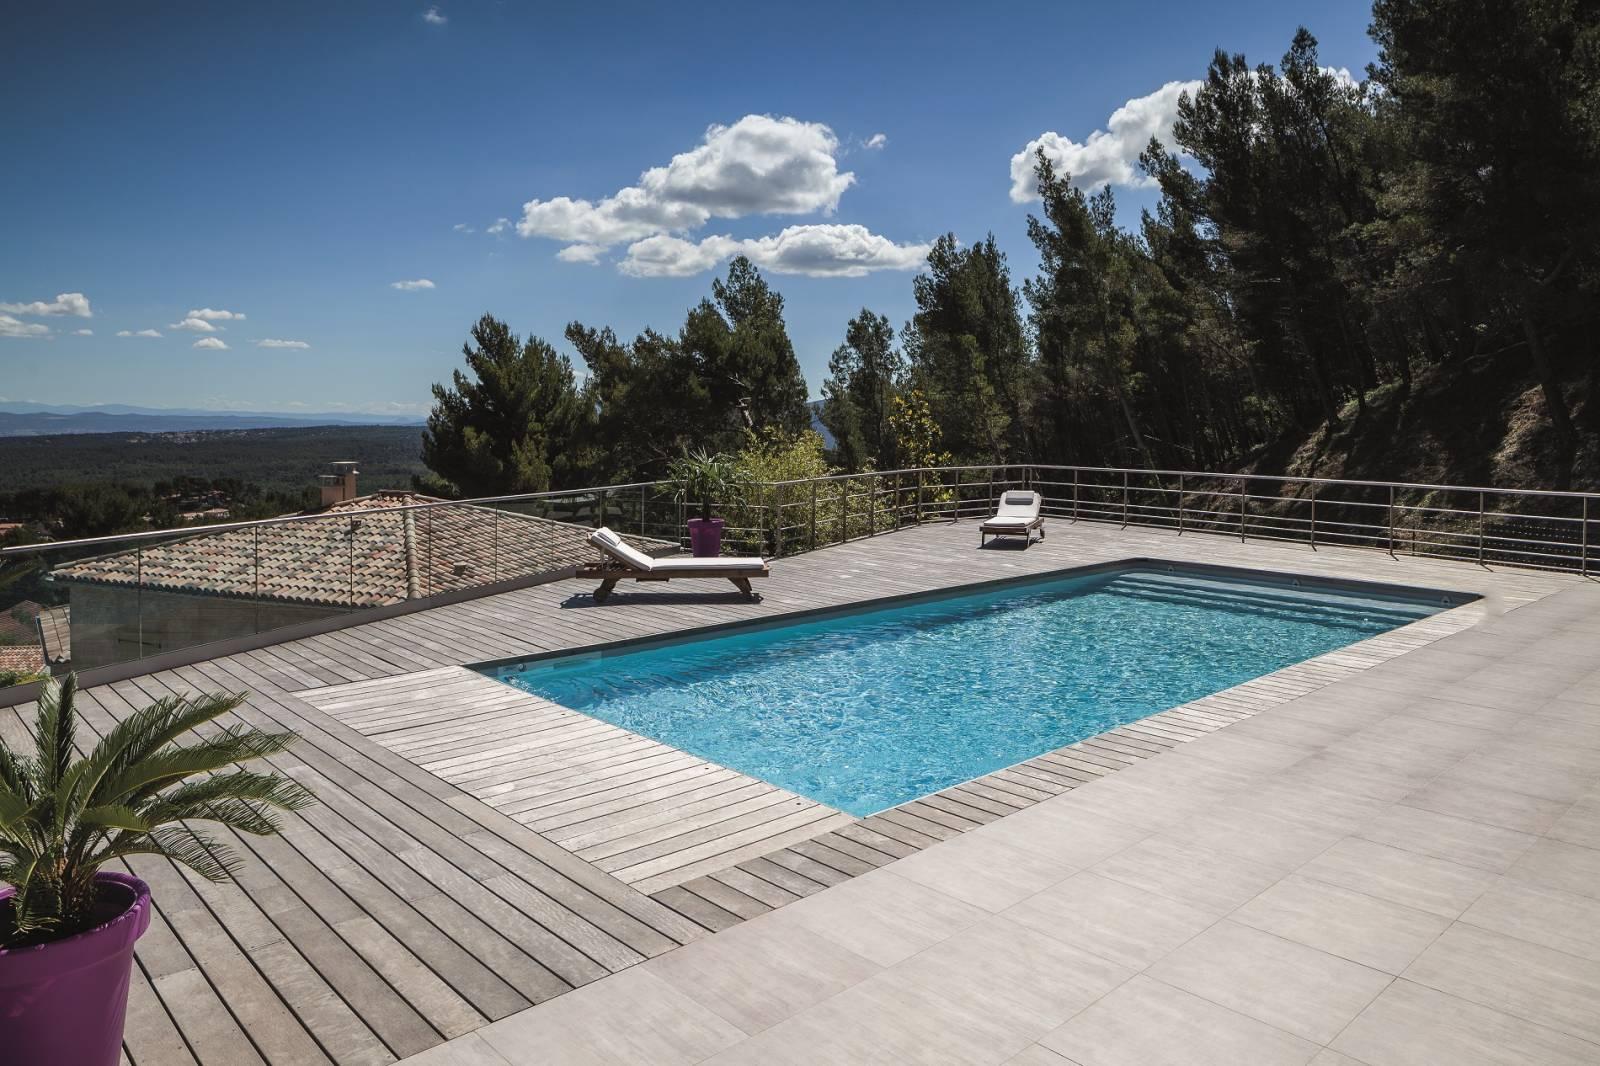 Constructeur De Piscine Montpellier accueil - - innov'piscine